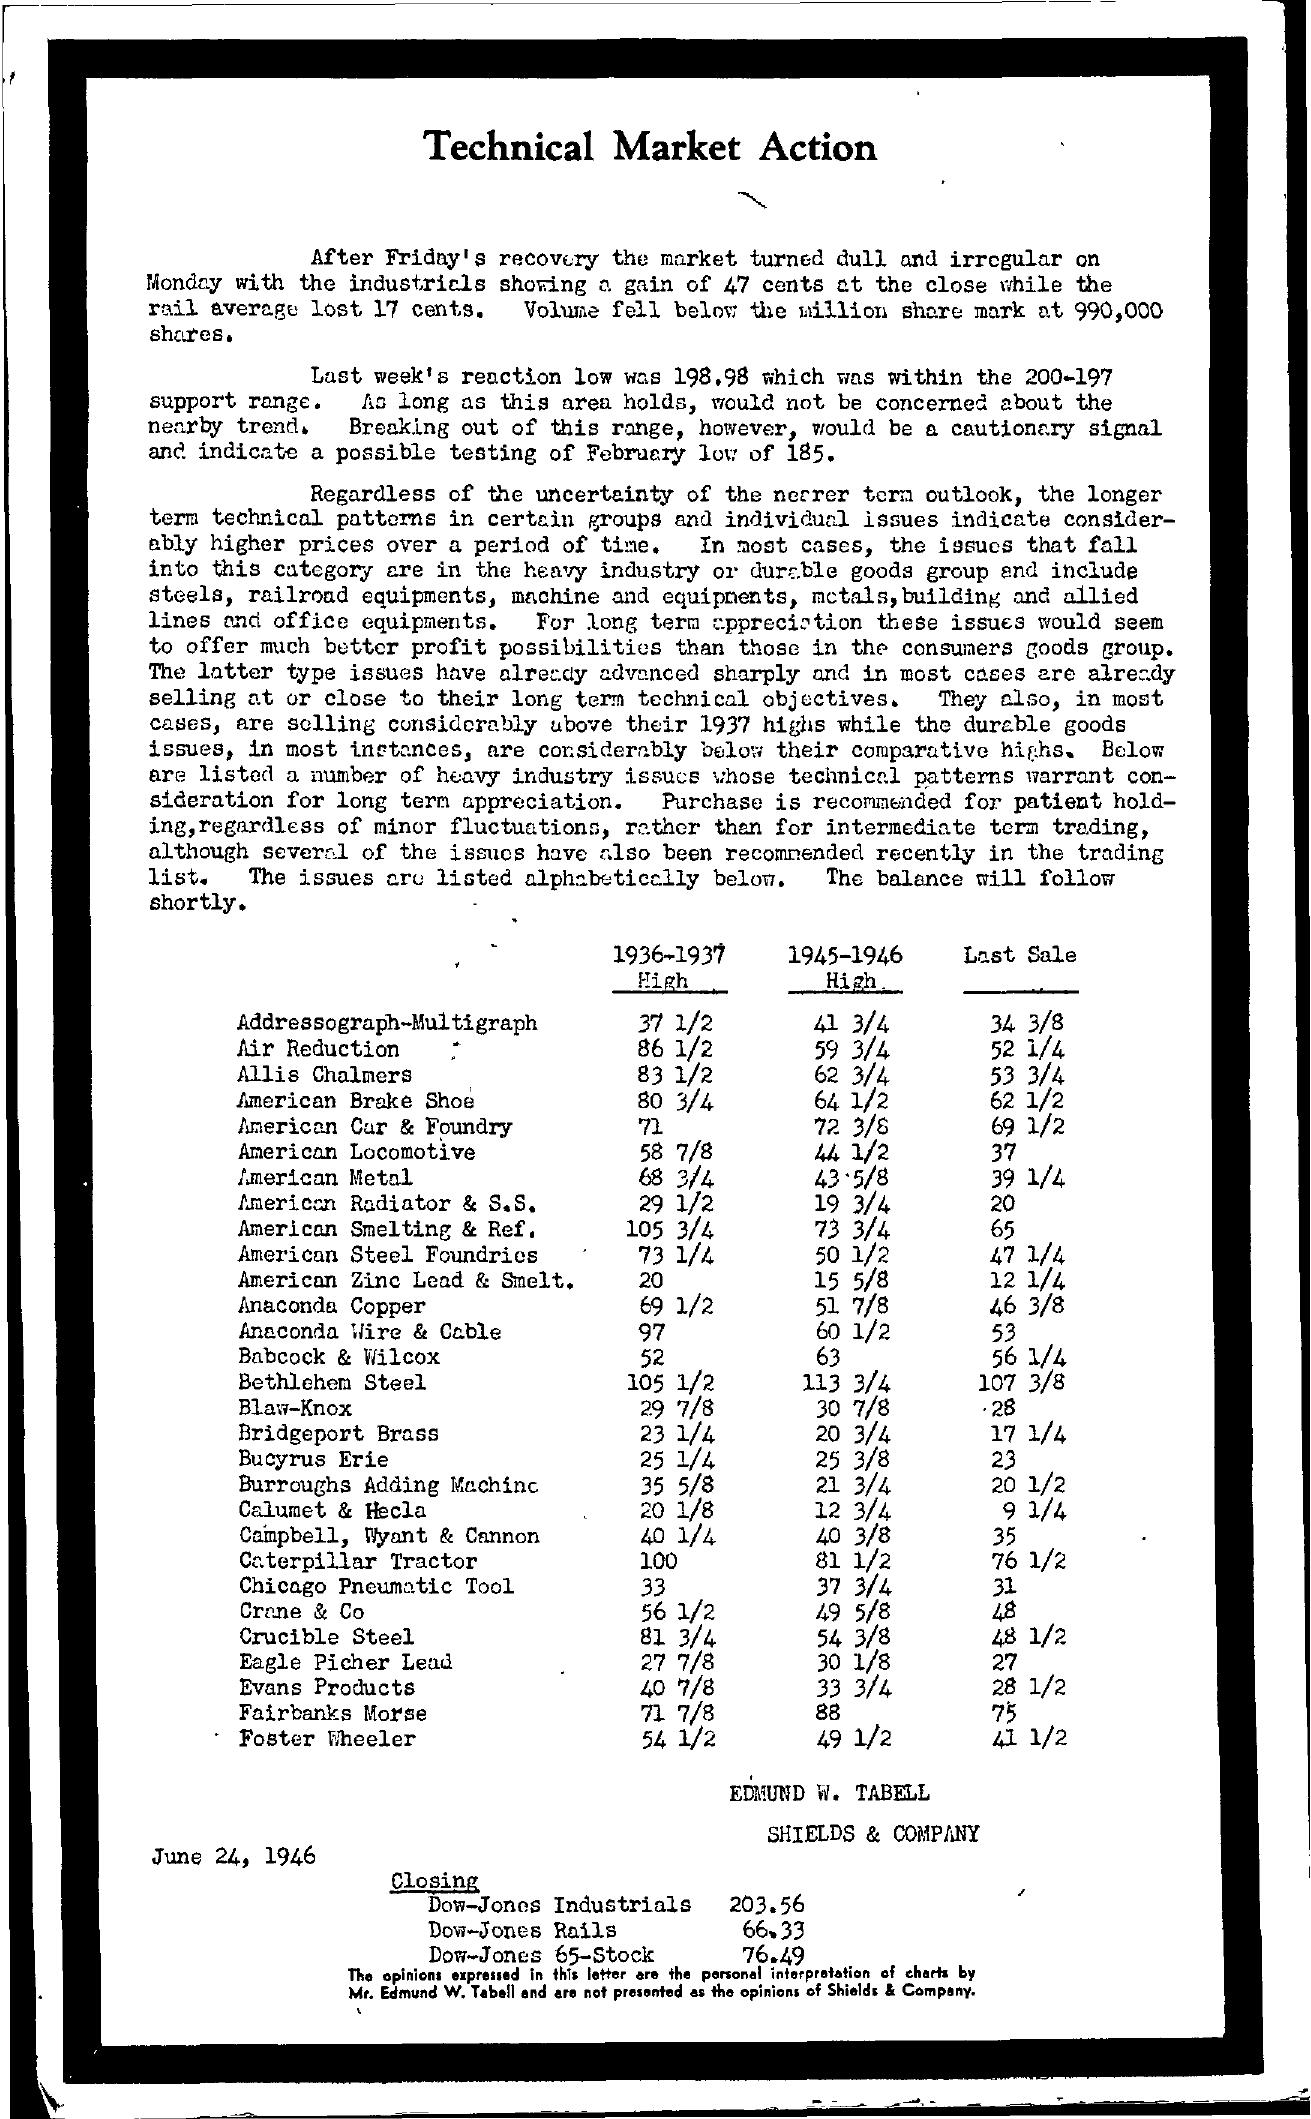 Tabell's Market Letter - June 24, 1946